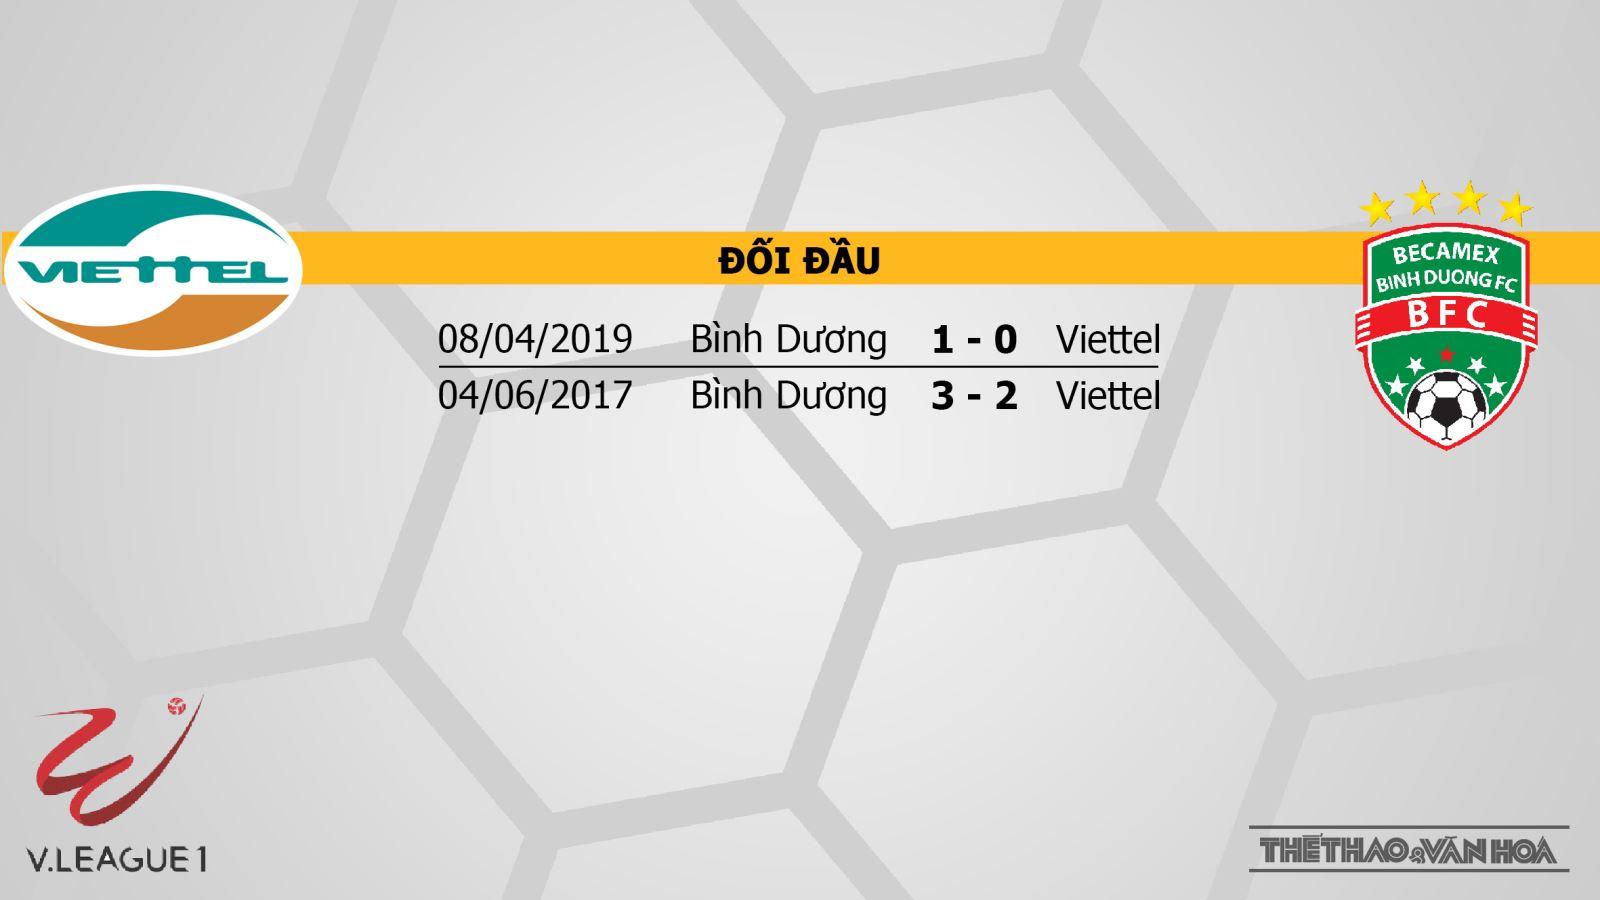 truc tiep bong da hôm nay, VTV6, Viettel đấu với Becamex Bình Dương, trực tiếp bóng đá, Viettel vs Becamex Bình Dương, soi keo bong da, Viettel, xem bóng đá trực tiếp, V League